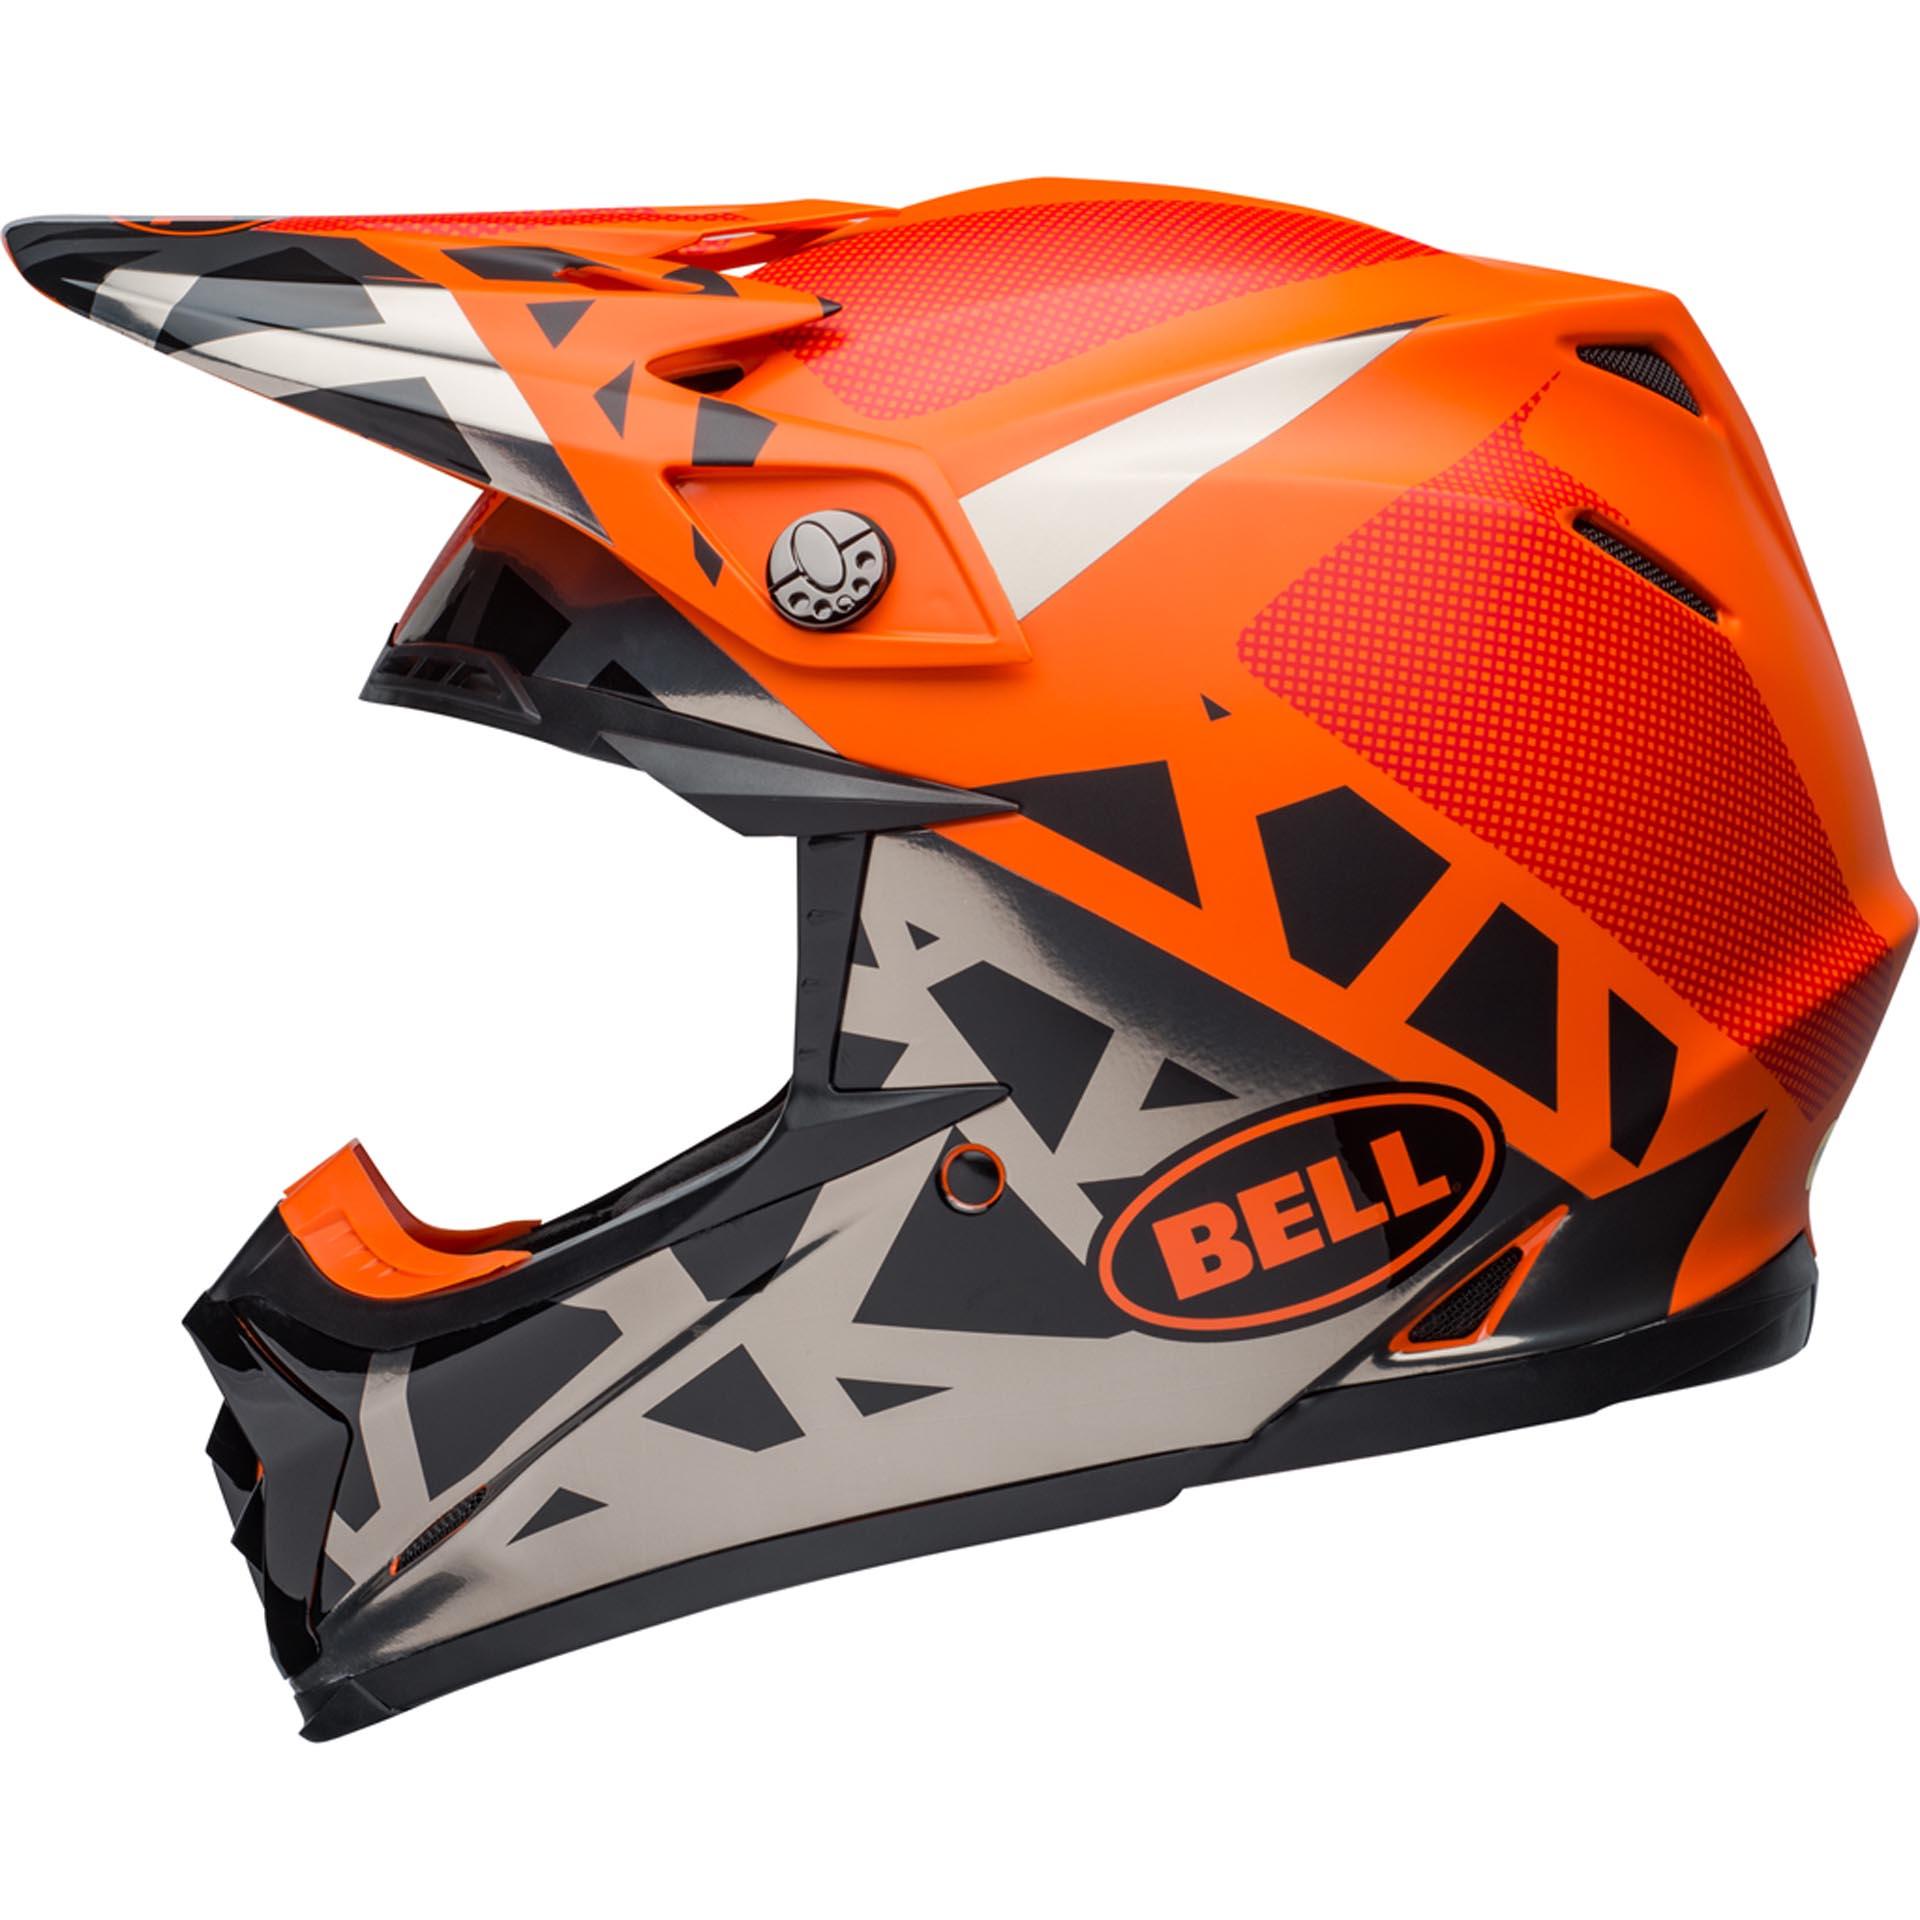 Bell Replacement Visor for Moto-9 Tremor Helmet Orange Black